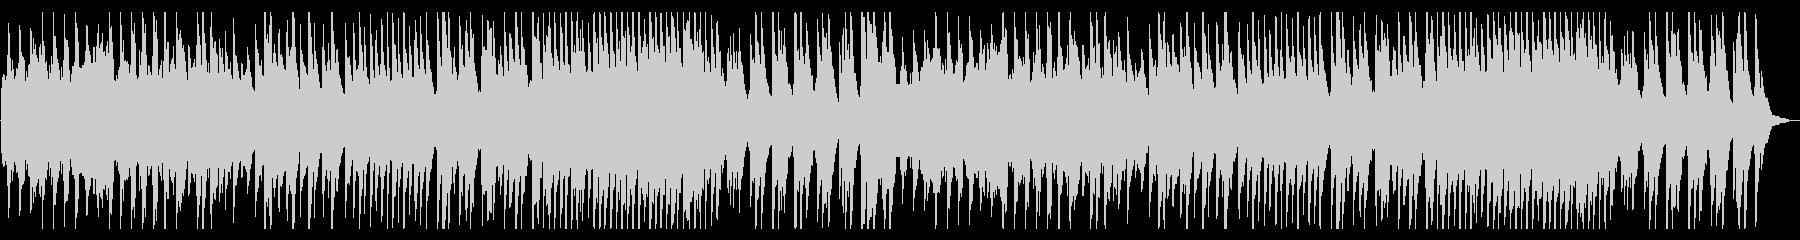 爽やかなモーニングルーティンを彩るピアノの未再生の波形